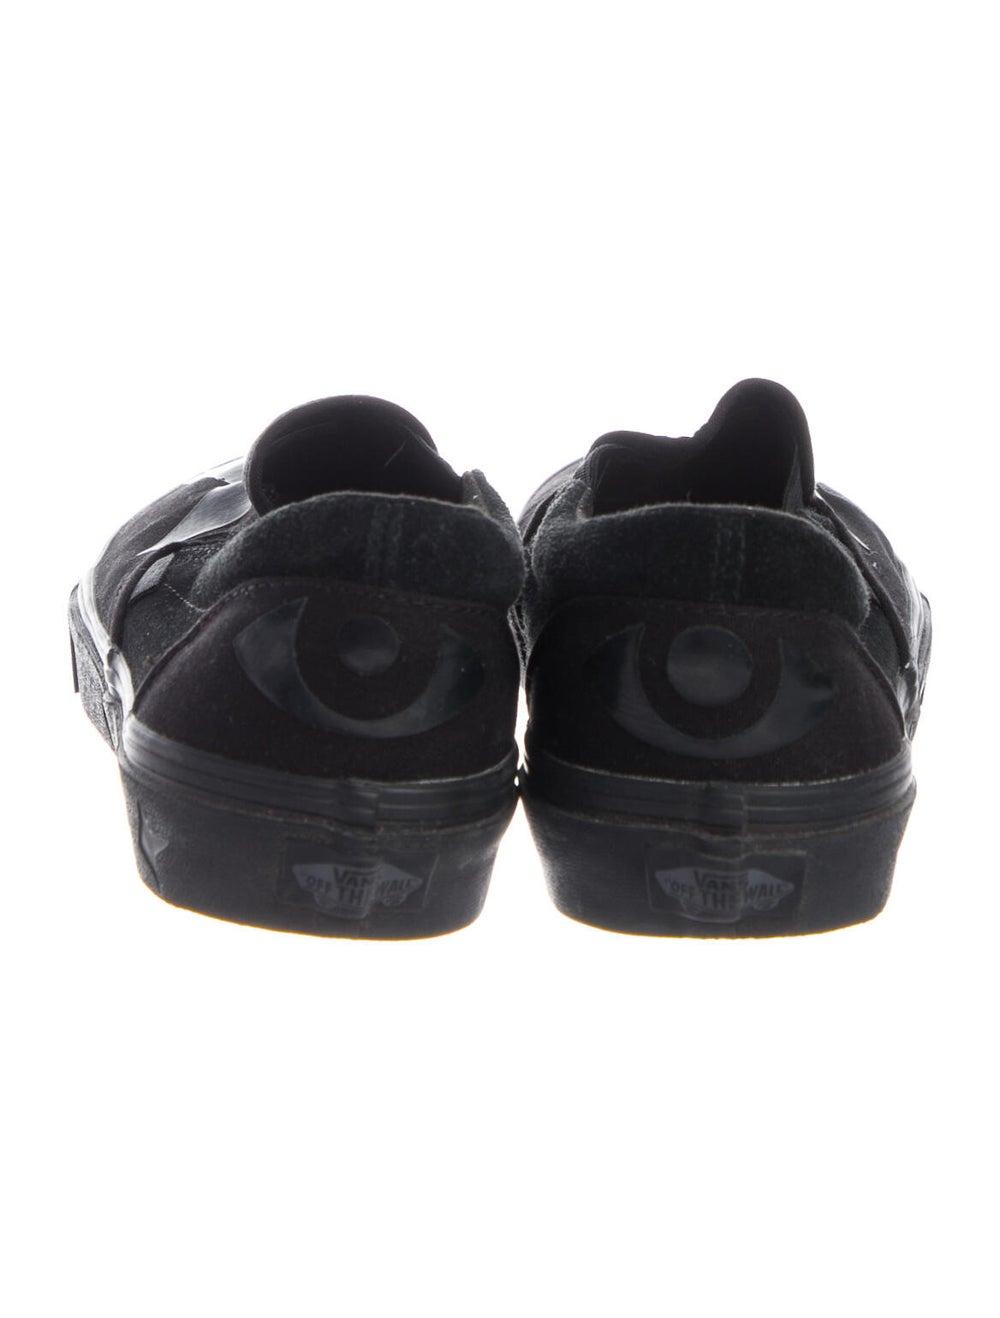 Vans x David Bowie Sneakers Black - image 4